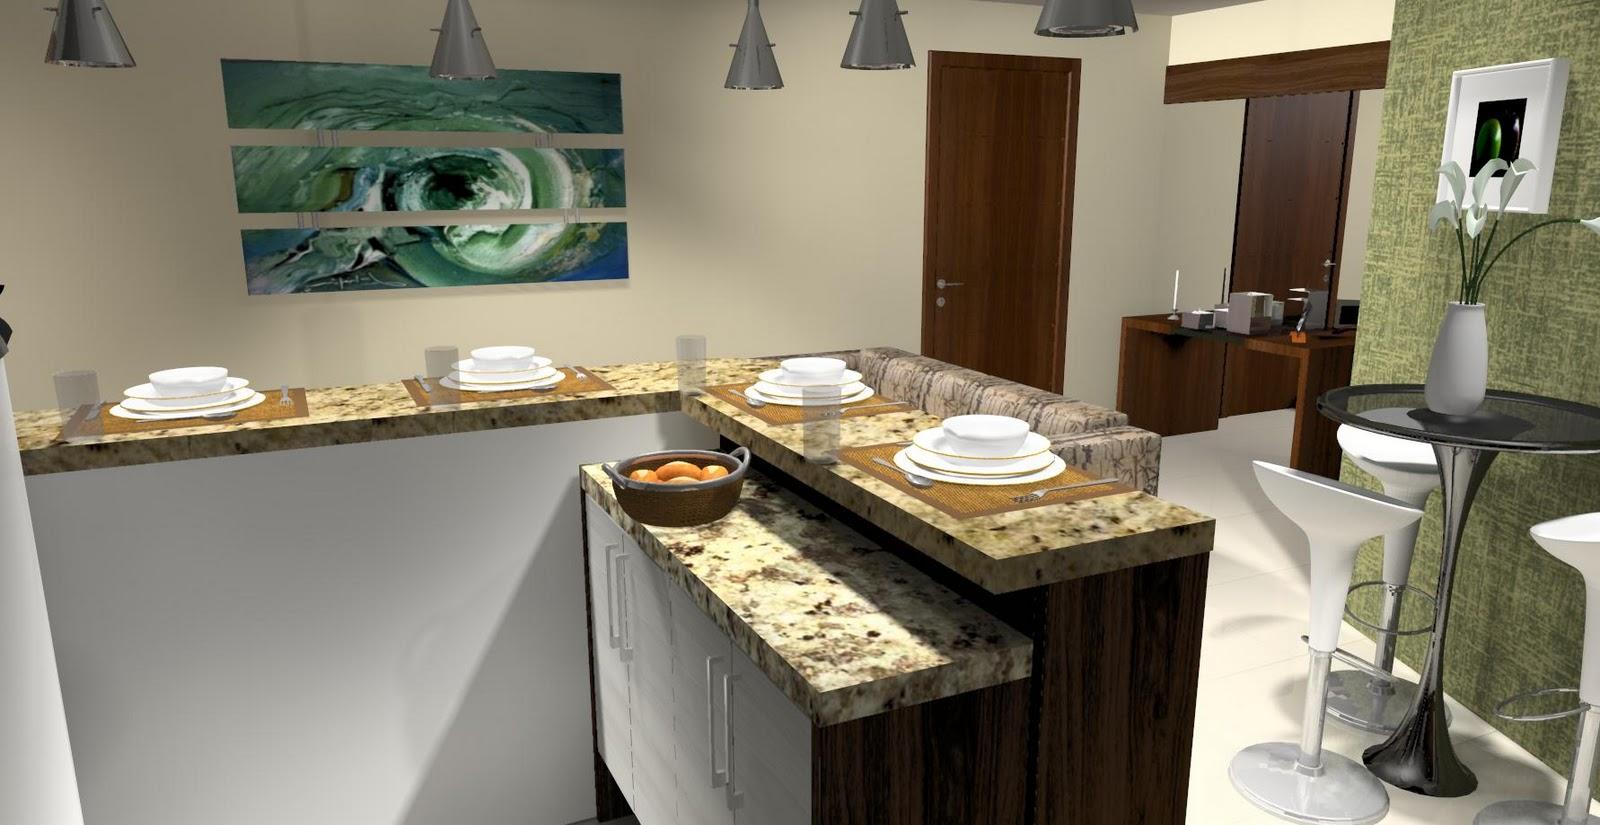 cozinha americana junto com salaIdéias de decoração para casa #966C35 1600 825